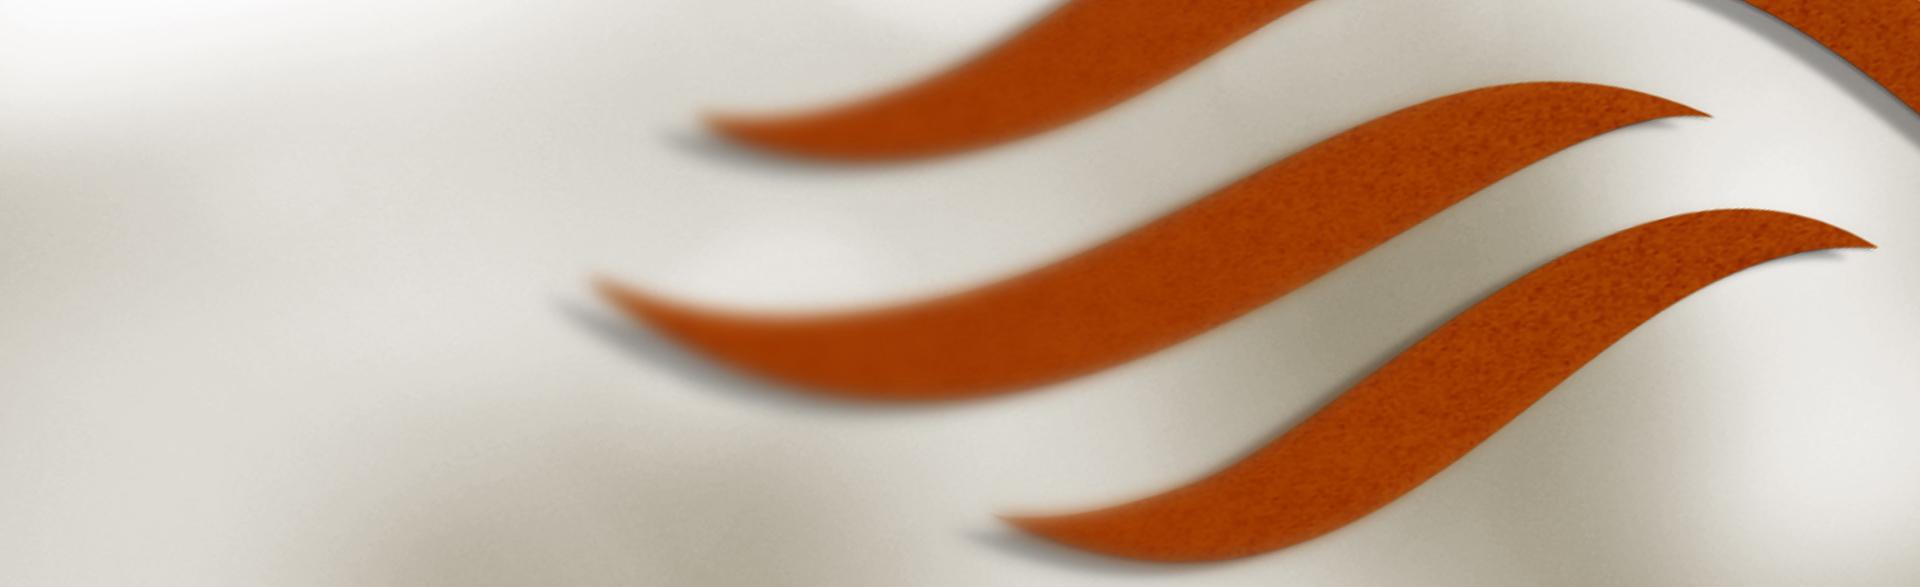 3 rostfarbene Schwingen eines Flügels auf beigem Hintergund